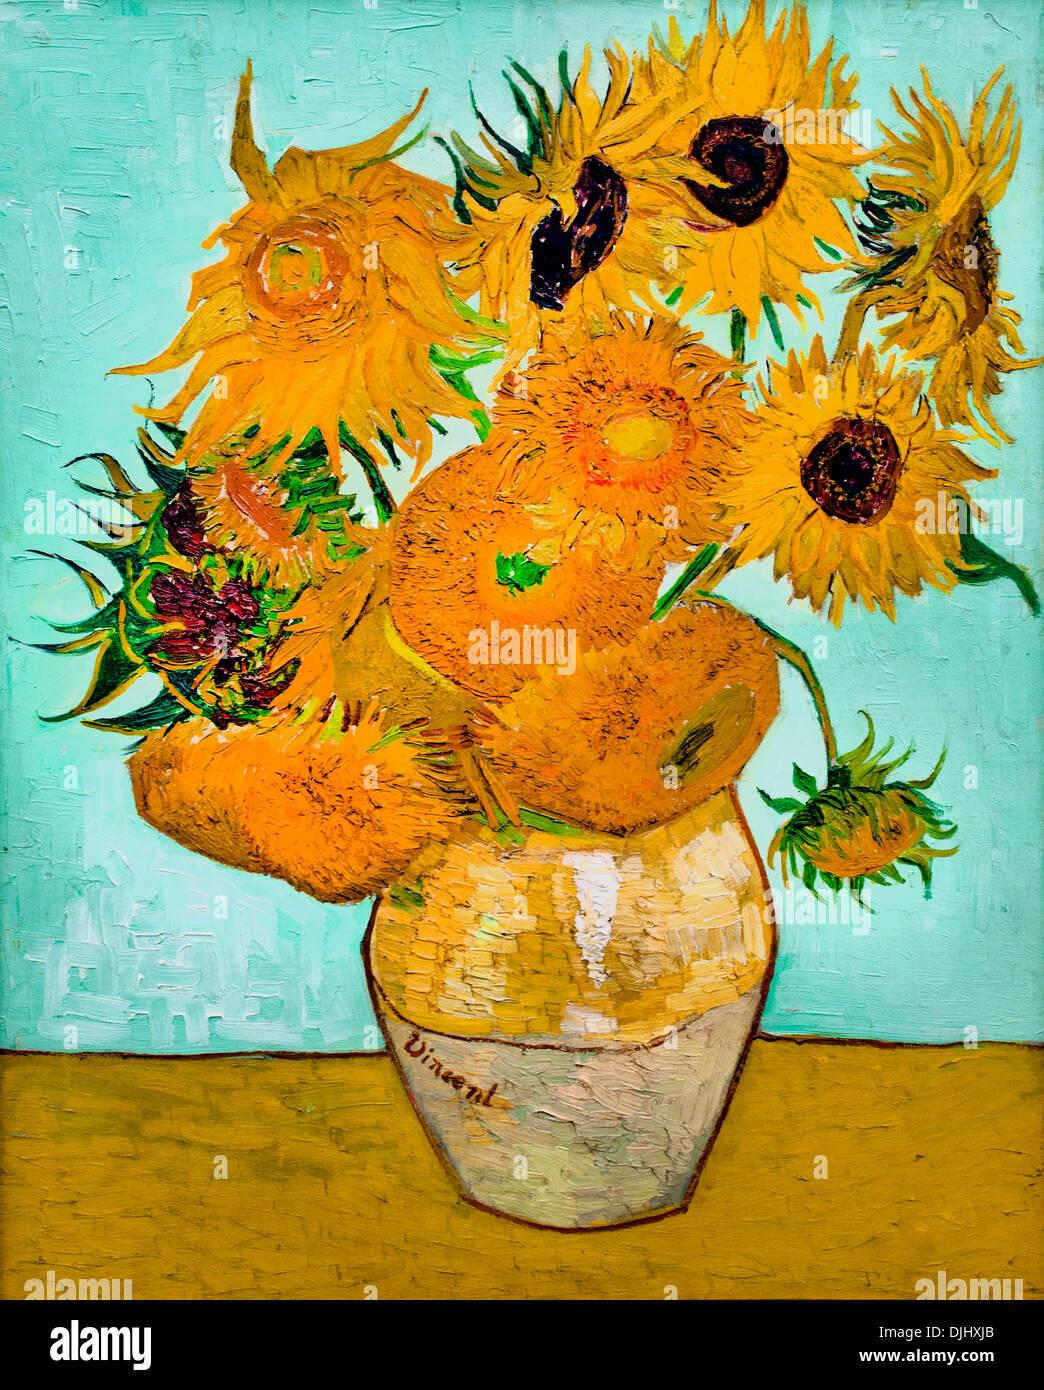 Sonnenblumen 1888 Vincent Van Gogh 1853 1890 Niederlande Niederlande